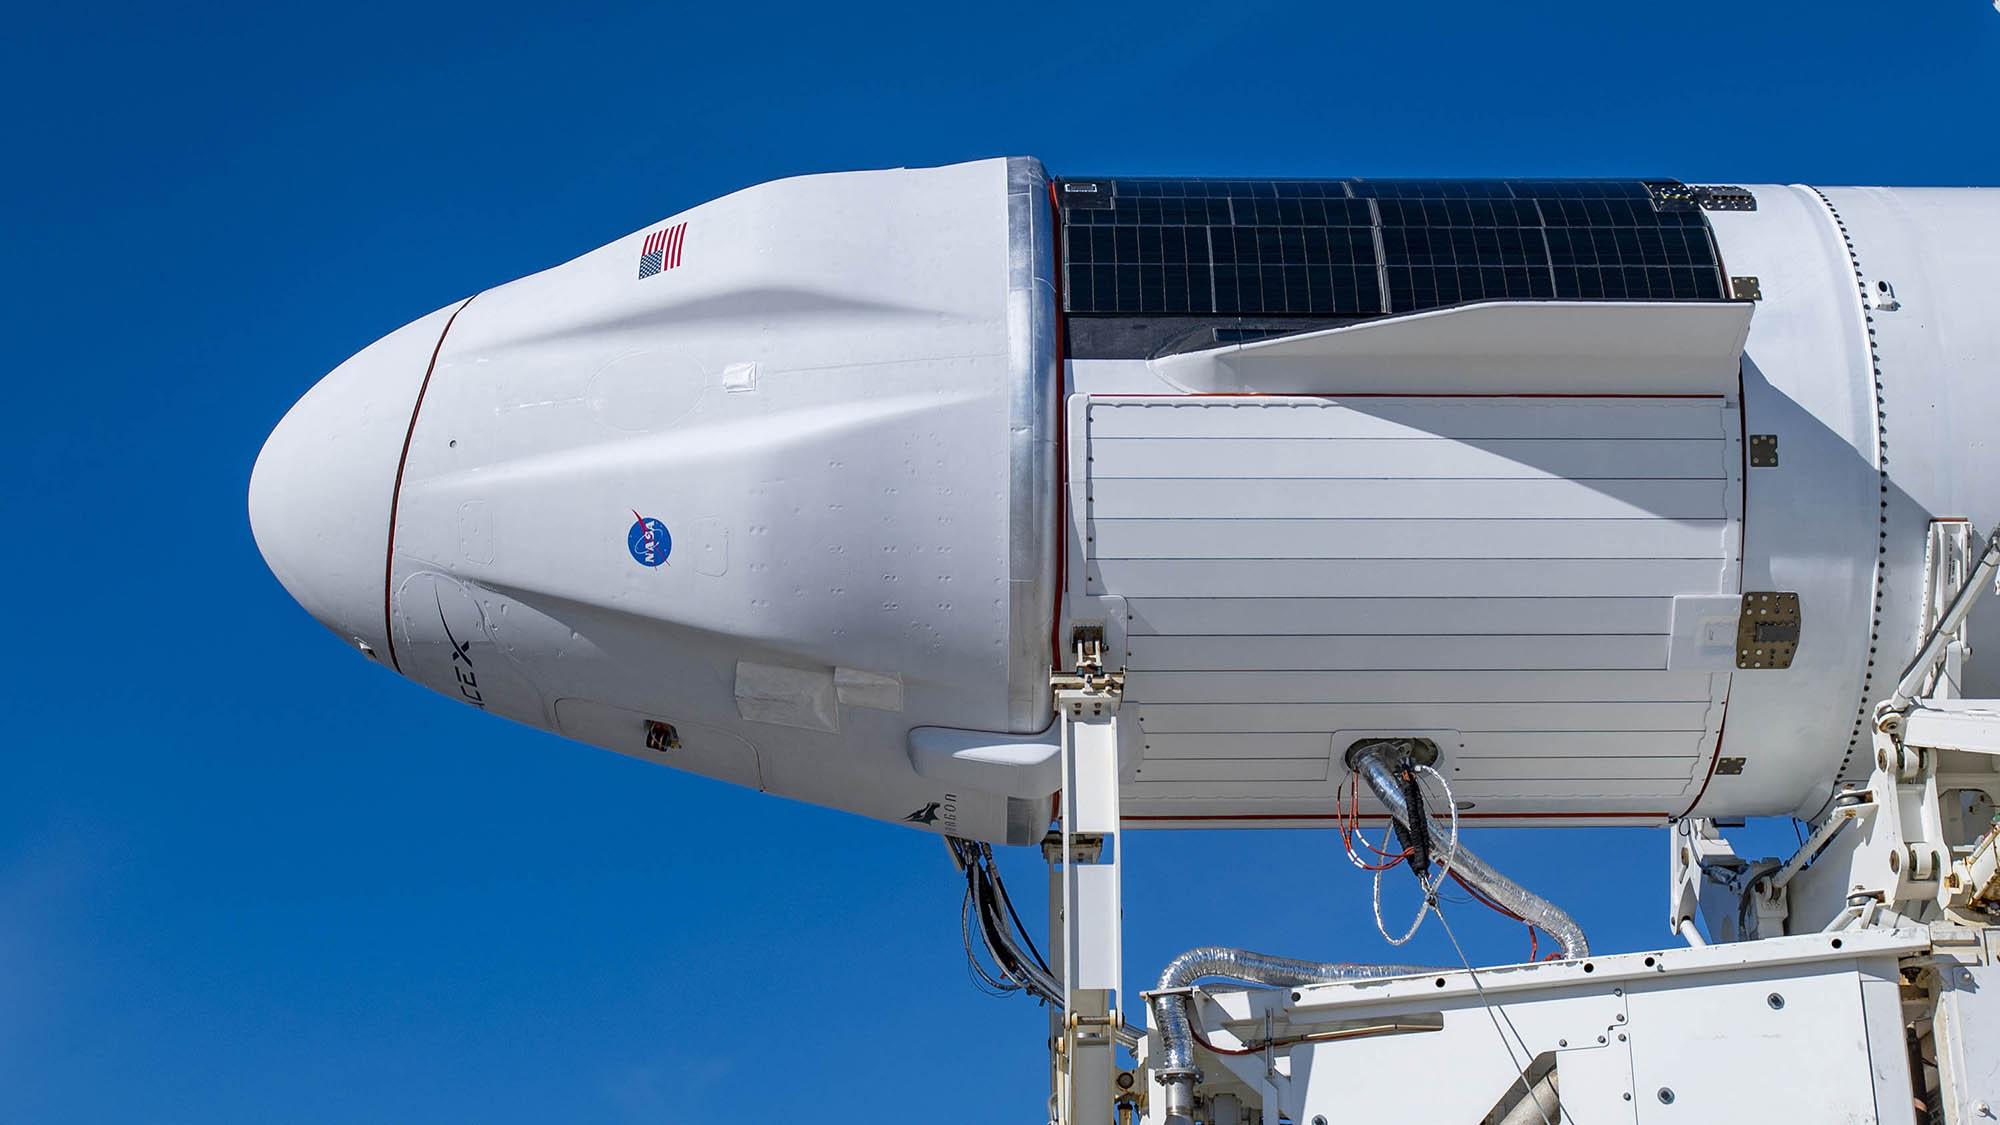 La version améliorée du vaisseau spatial Cargo Dragon de SpaceX est vue au sommet d'une fusée Falcon 9 le 2 décembre 2020, alors qu'elle se prépare à être déployée pour lancer le complexe 39A au Kennedy Space Center de la NASA en Floride pour les 21e services de ravitaillement commercial de la société (CRS- 21) lancement.